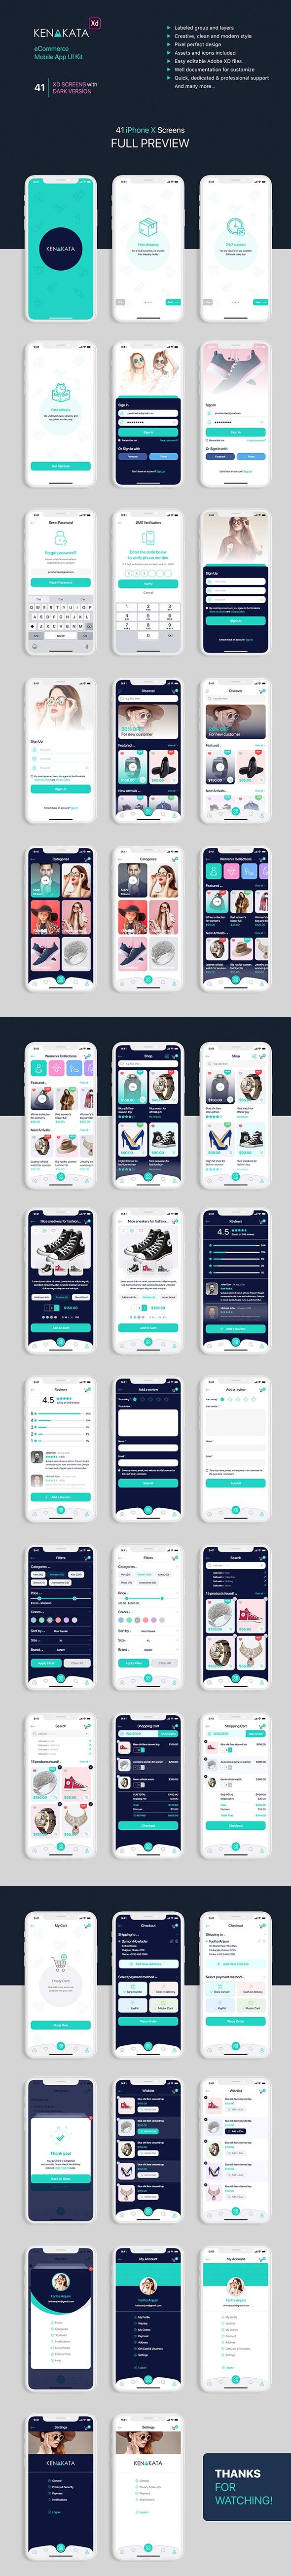 Best eCommerce Mobile App UI Kit